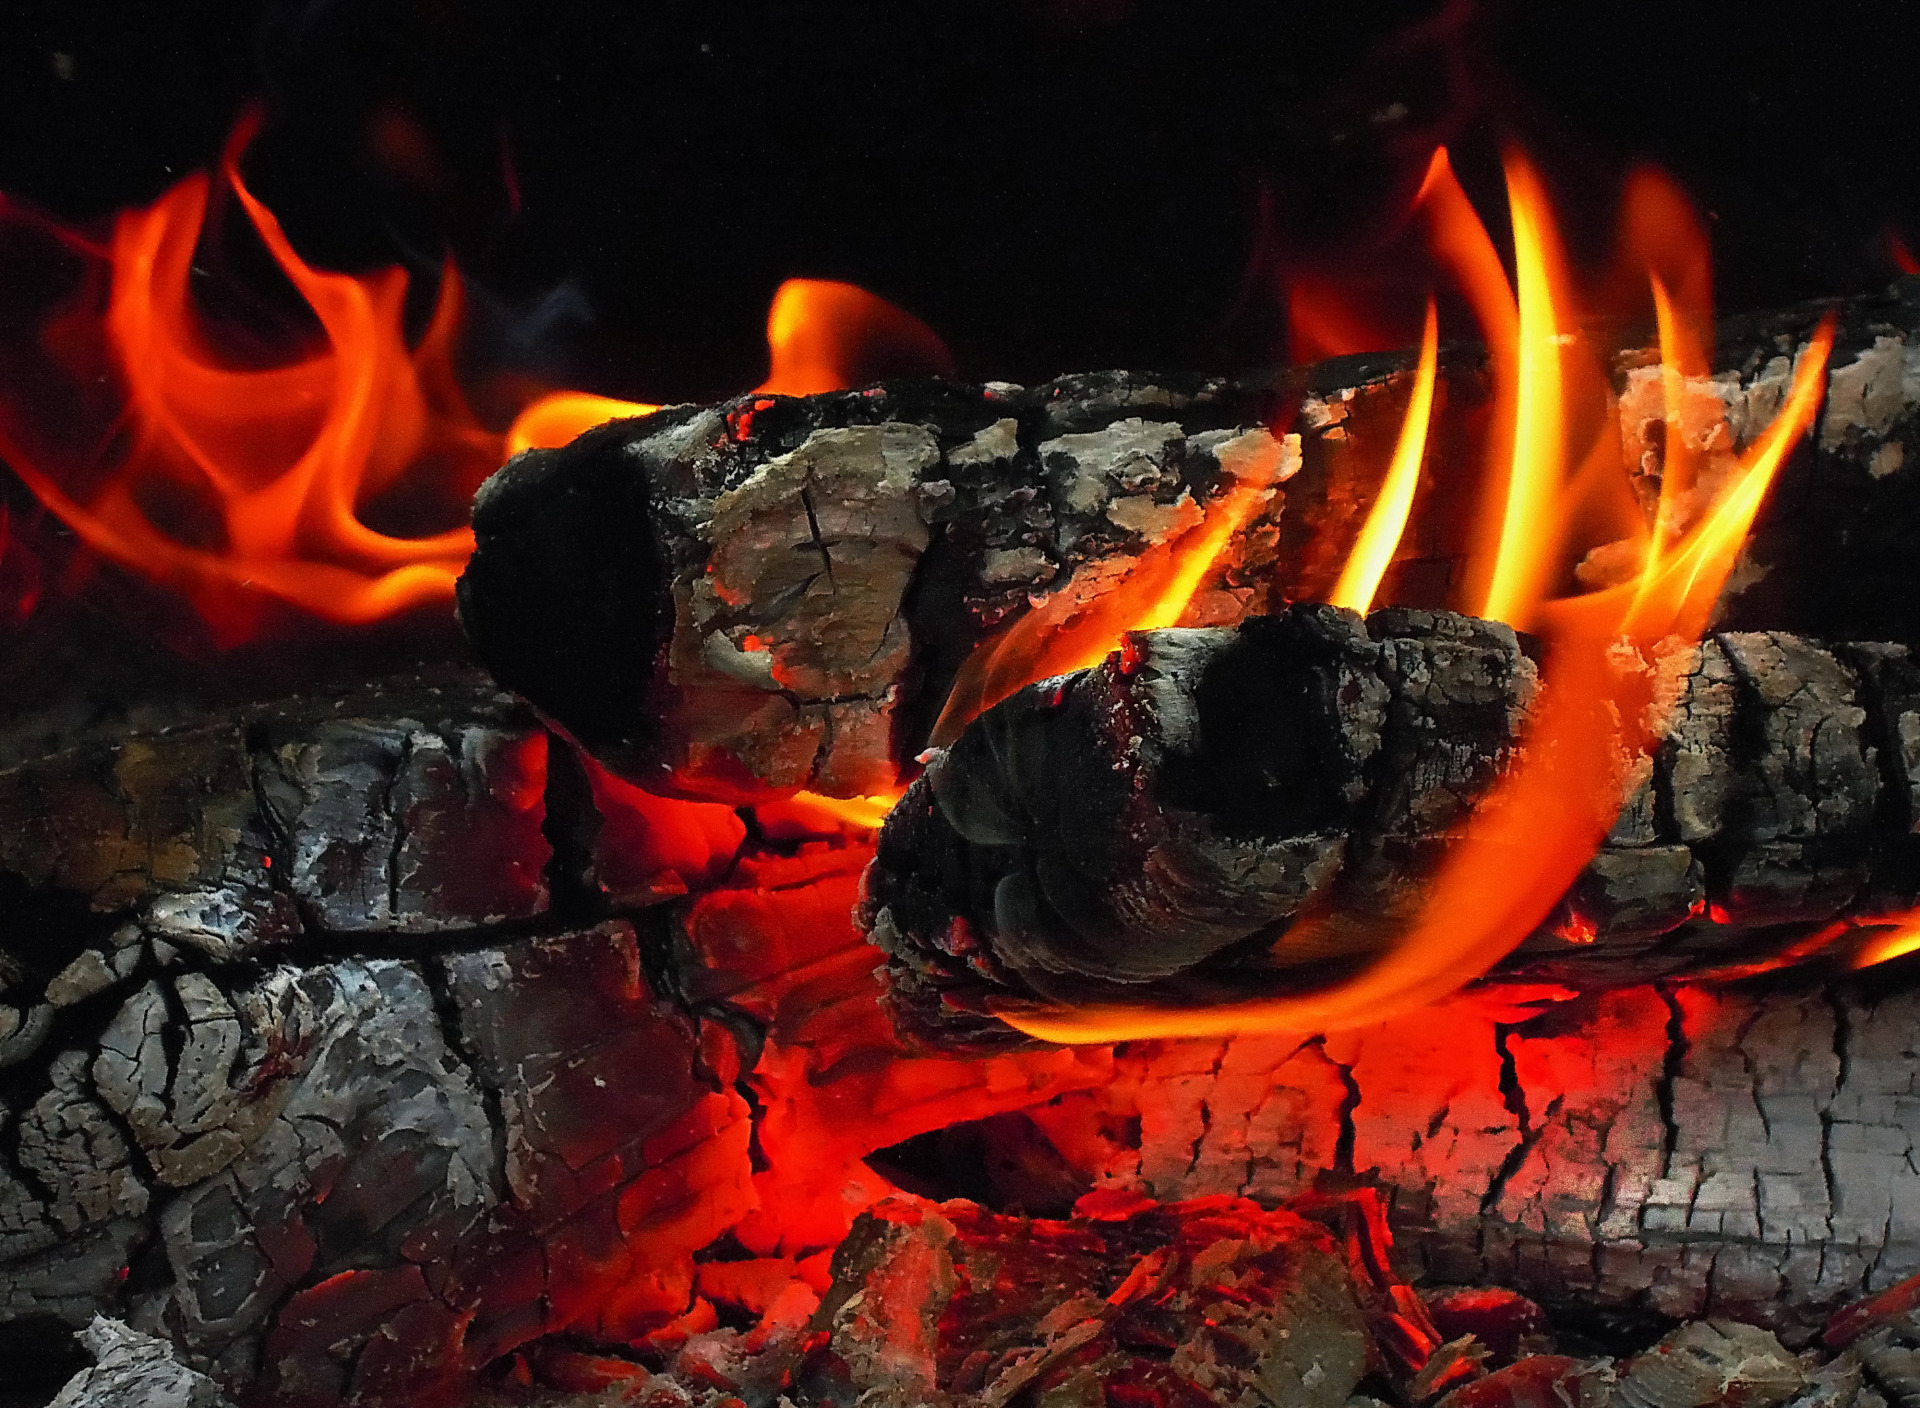 дома картинки в высоком разрешении огонь прохладных пресных